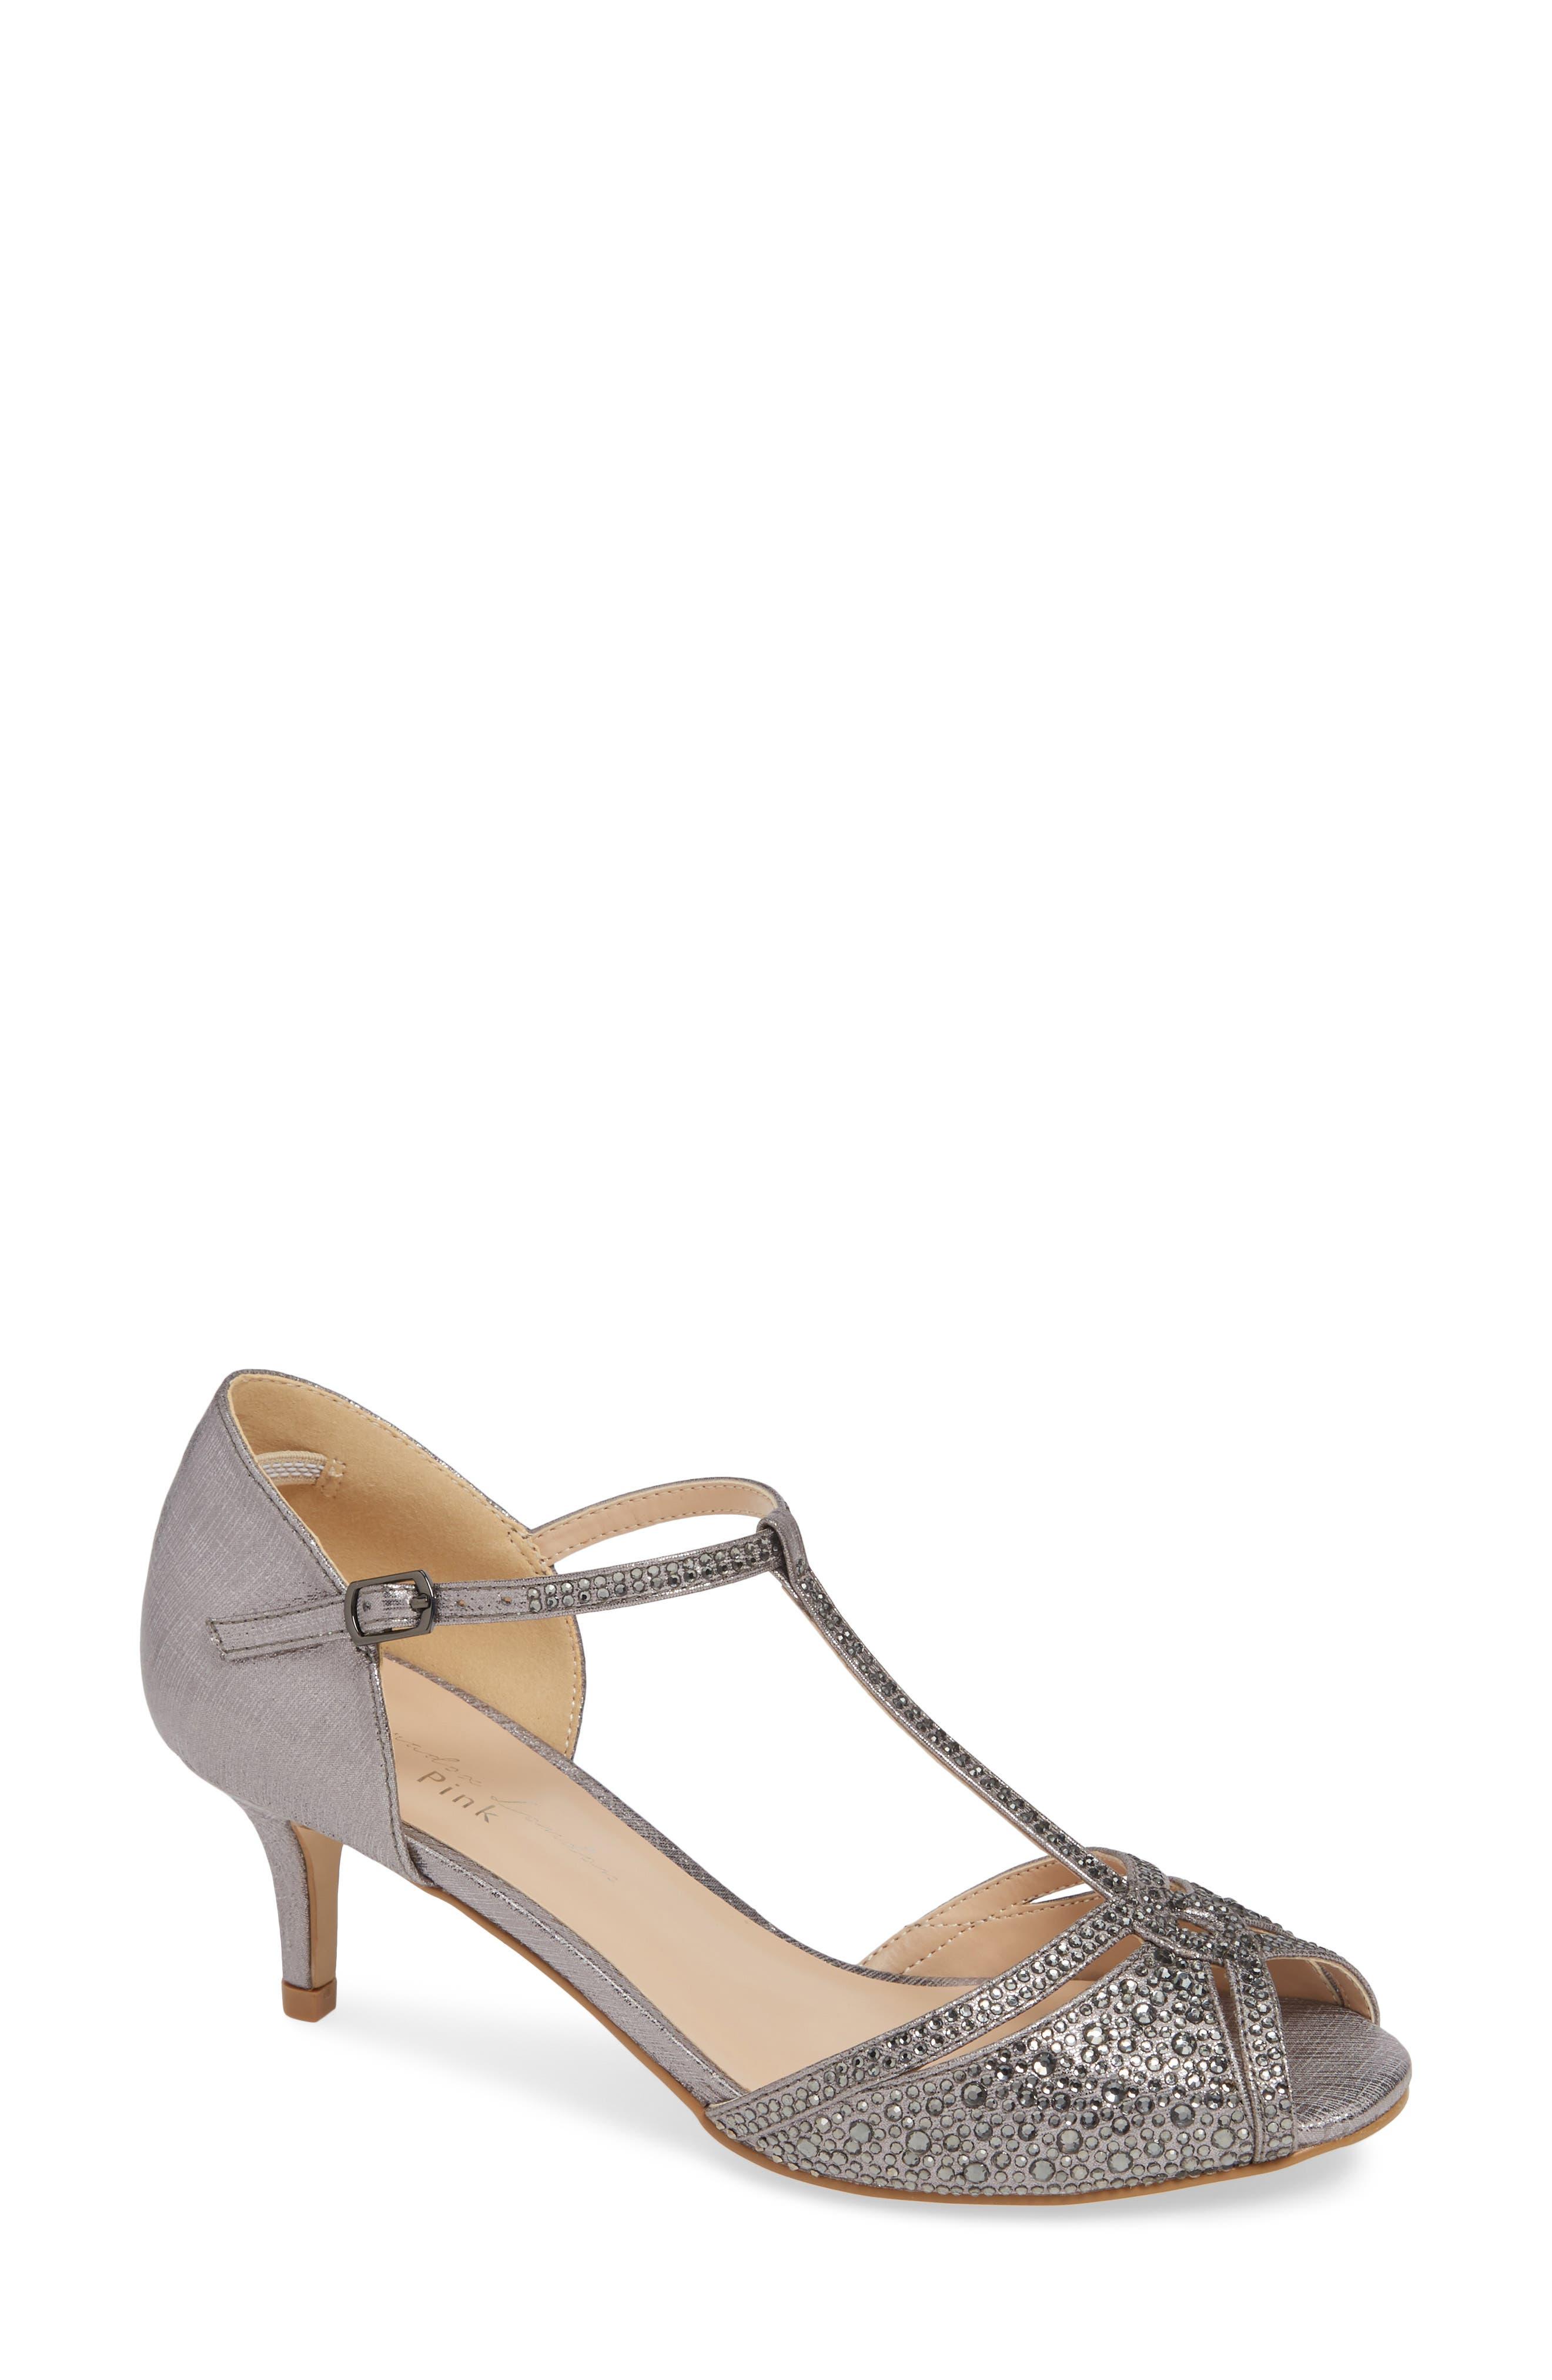 Seva Sandal,                         Main,                         color, PEWTER GLITTER